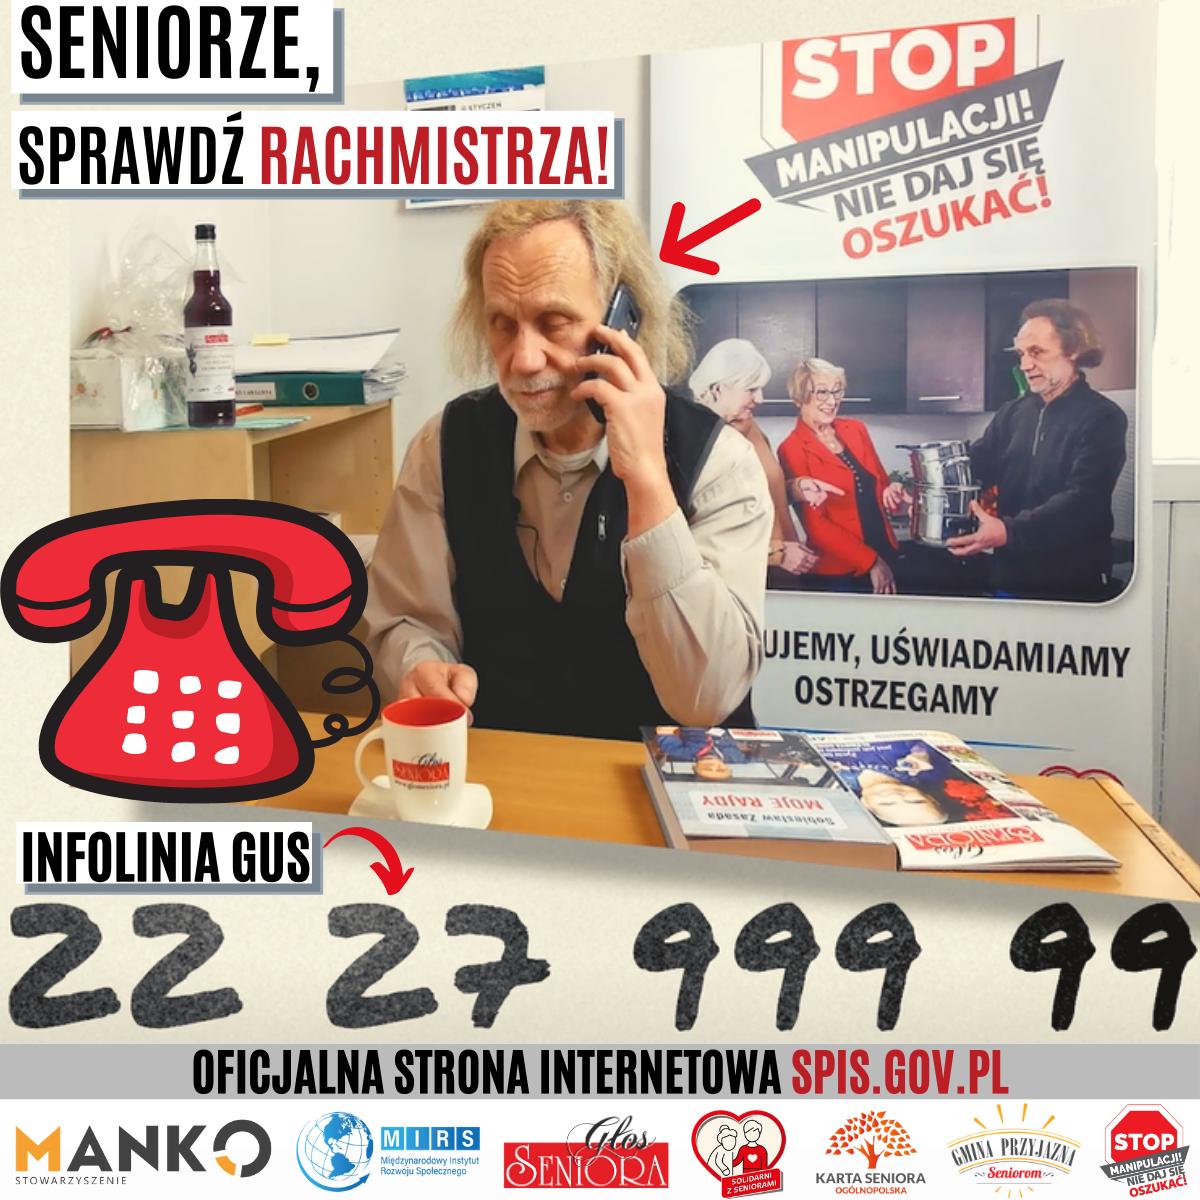 Na obrazku znajduje się senior z telefonem w ręku stojący przy ladzie, na której stoi kubek oraz leżą gazety. Na infografice widnieje czerwony telefon. Oraz treści. Seniorze, sprawdź rachmistrza. Stop manipulacji, nie daj się oszukać Podano też nr na infolinię : 22 27 999 99. Oficjalna strona internetowa spis.gov.pl